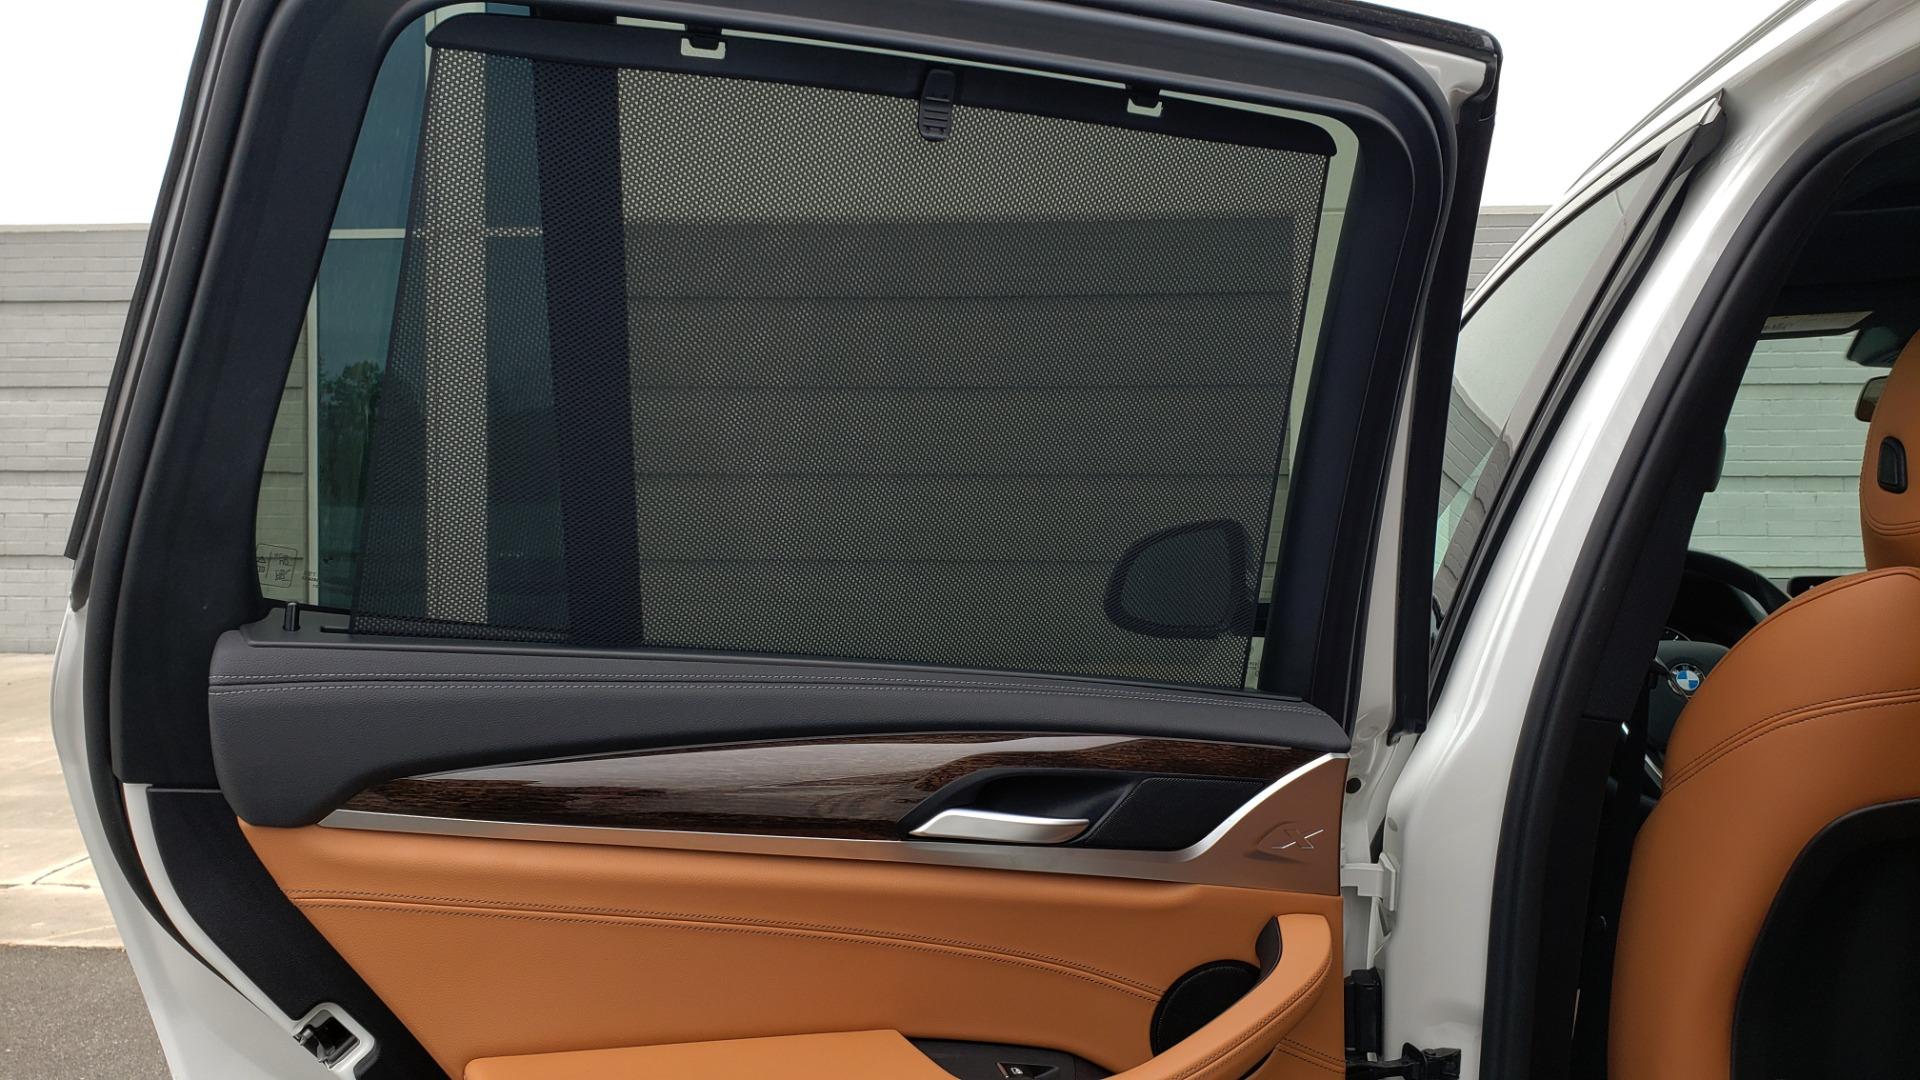 Used 2018 BMW X3 XDRIVE30I / LUX PKG / PREM PKG / CONV PKG / PDC / APPLE CARPLAY for sale Sold at Formula Imports in Charlotte NC 28227 61